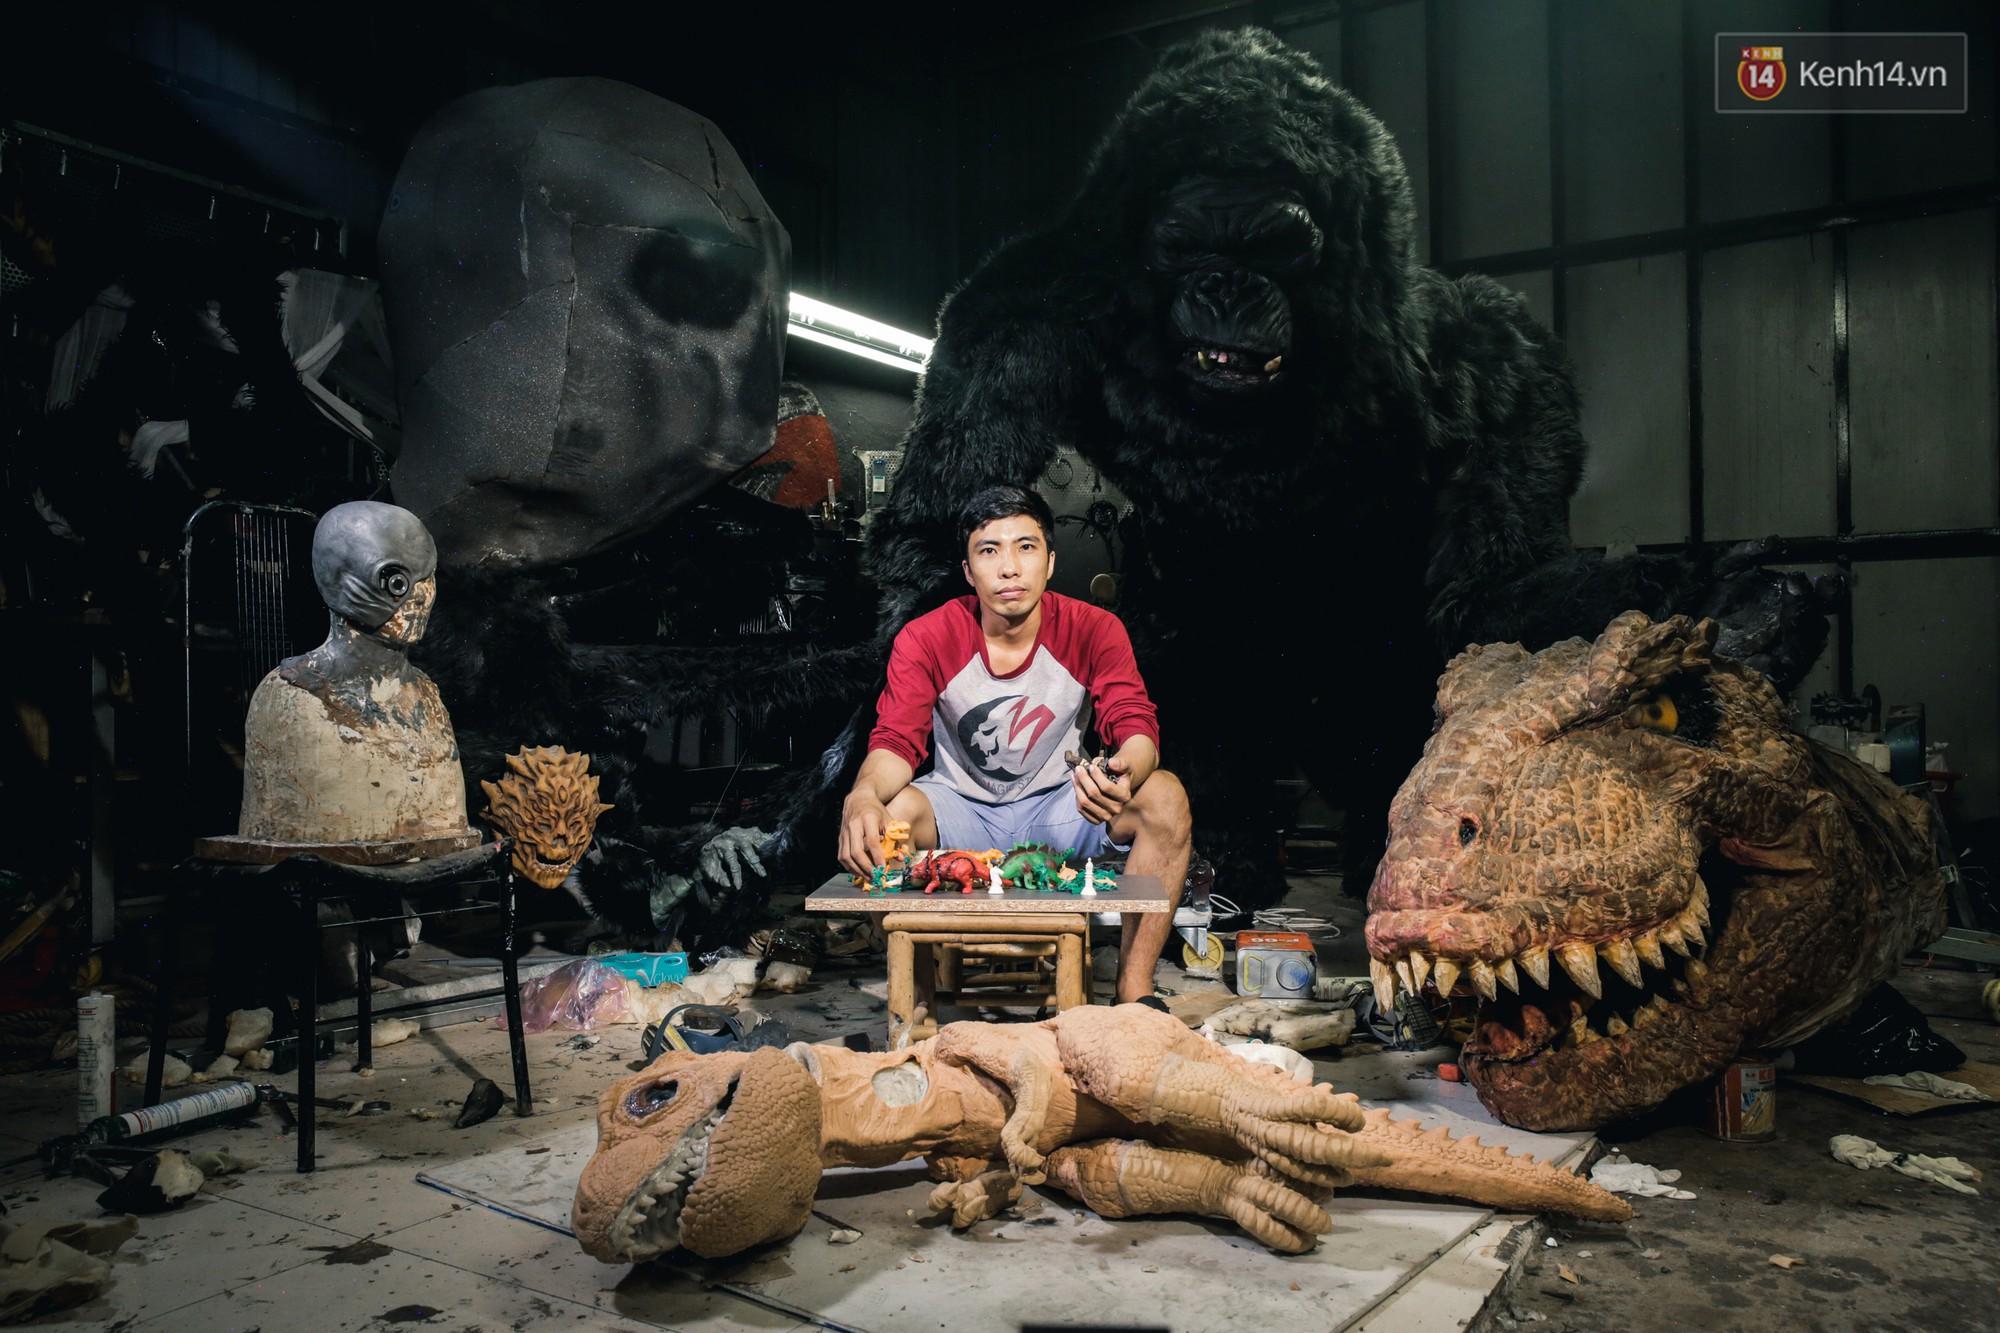 Vi Ngọc Tài - gã lập dị bất chấp căn bệnh ung thư để bỏ việc về quê làm mô hình quái thú - Ảnh 2.